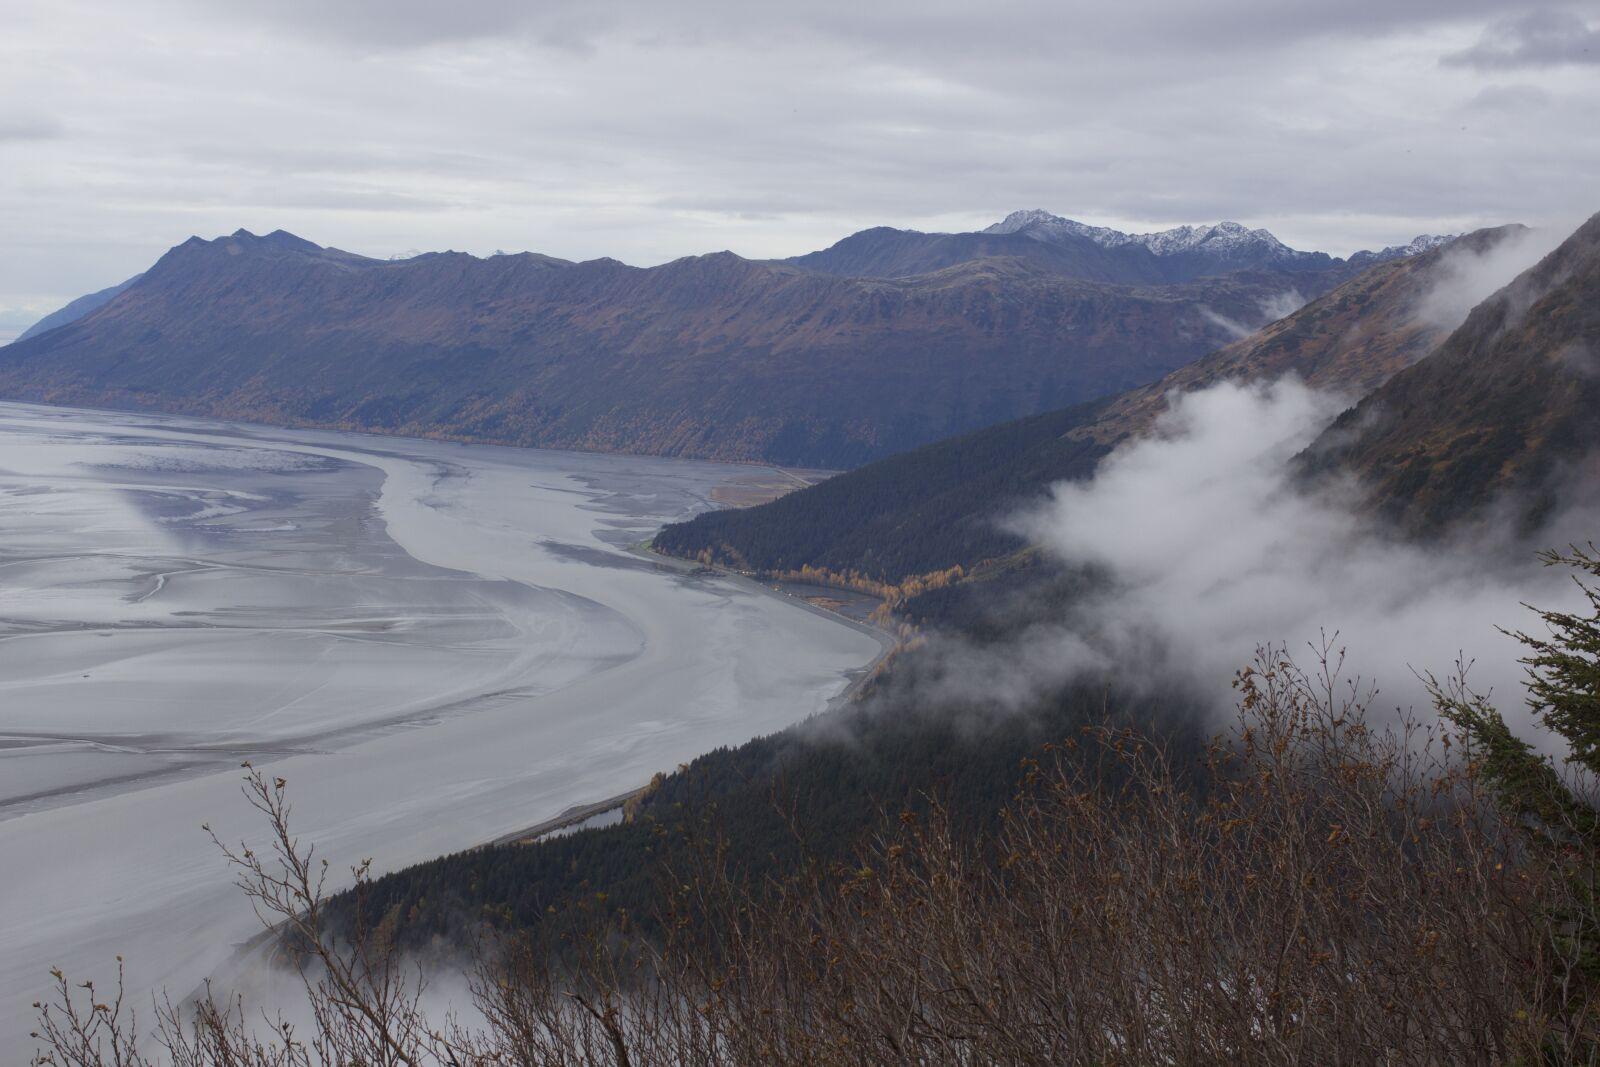 """Canon EOS 60D sample photo. """"Mountain, ocean, cloudy"""" photography"""